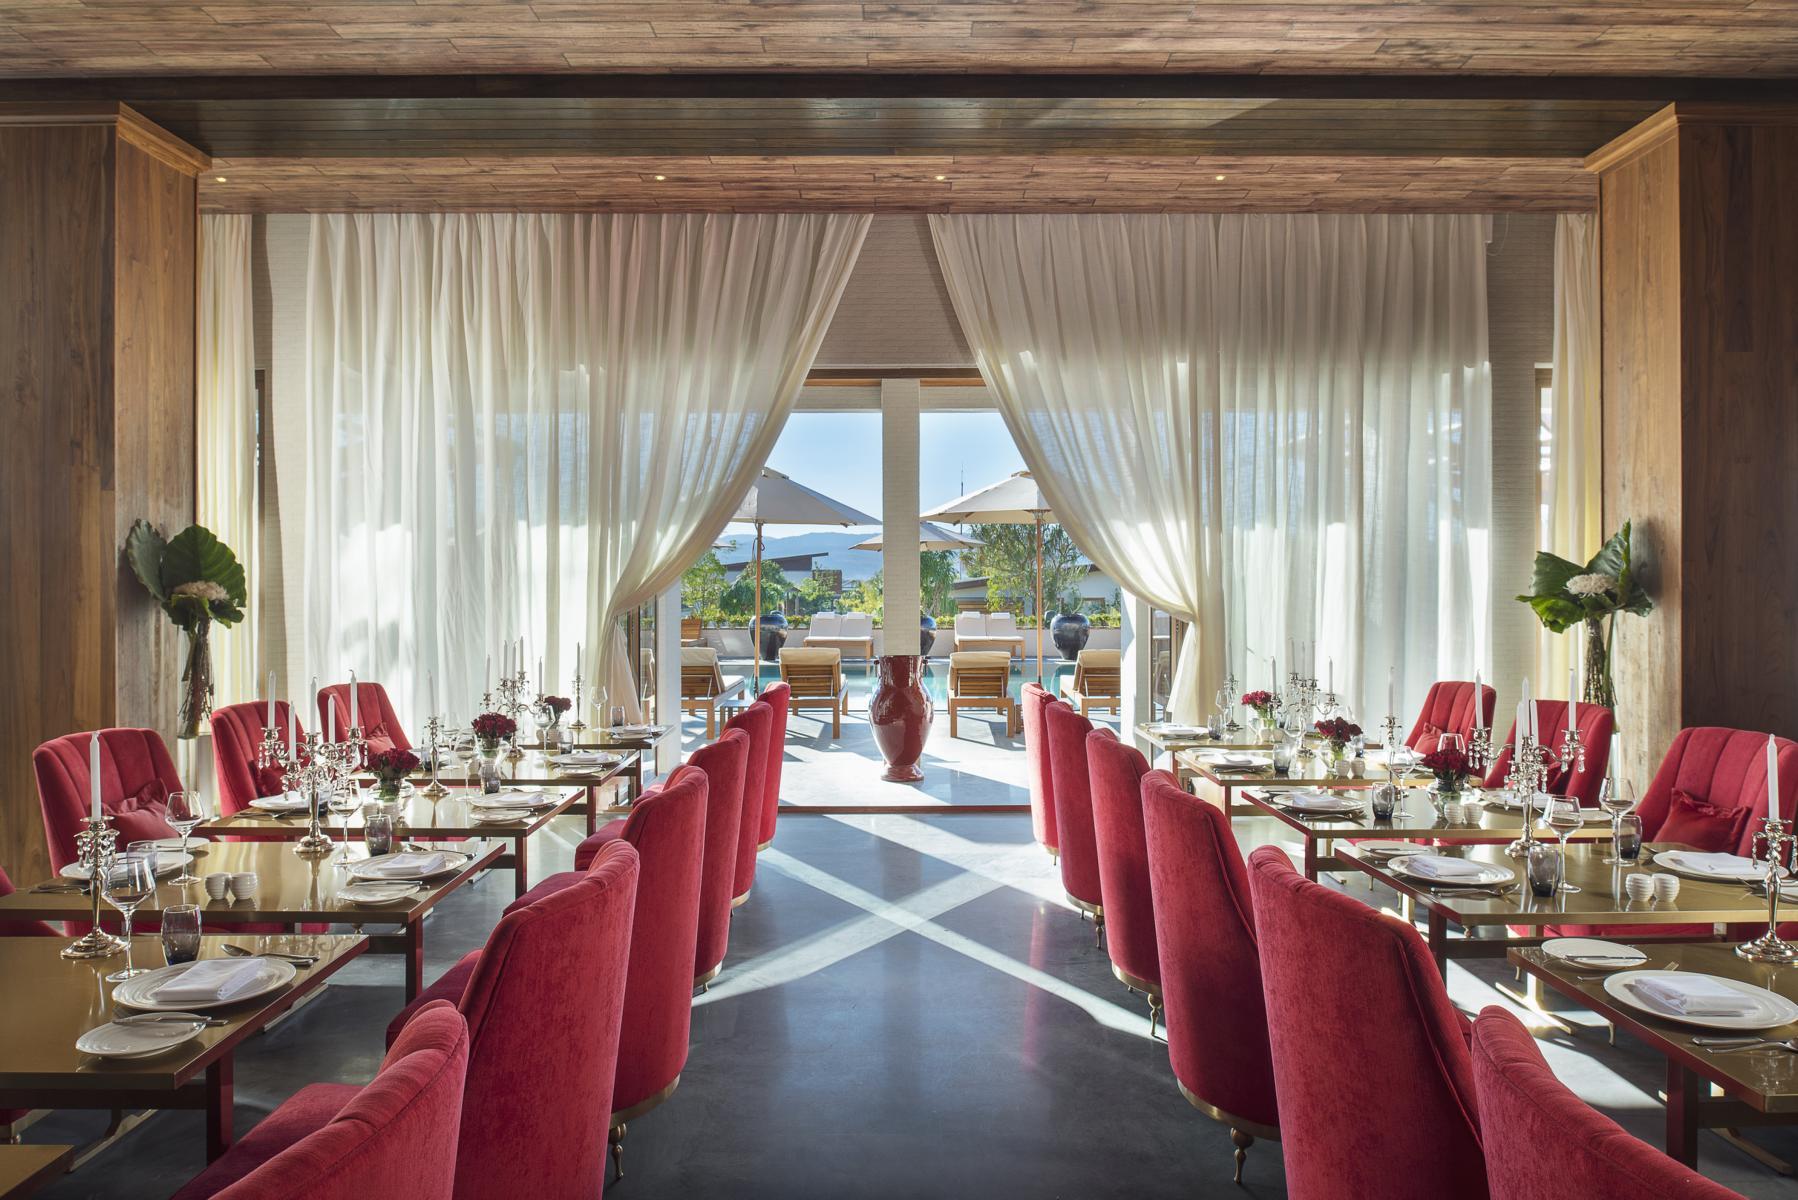 Das Restaurant des Sofitel Inle am Inle See in Myanmar